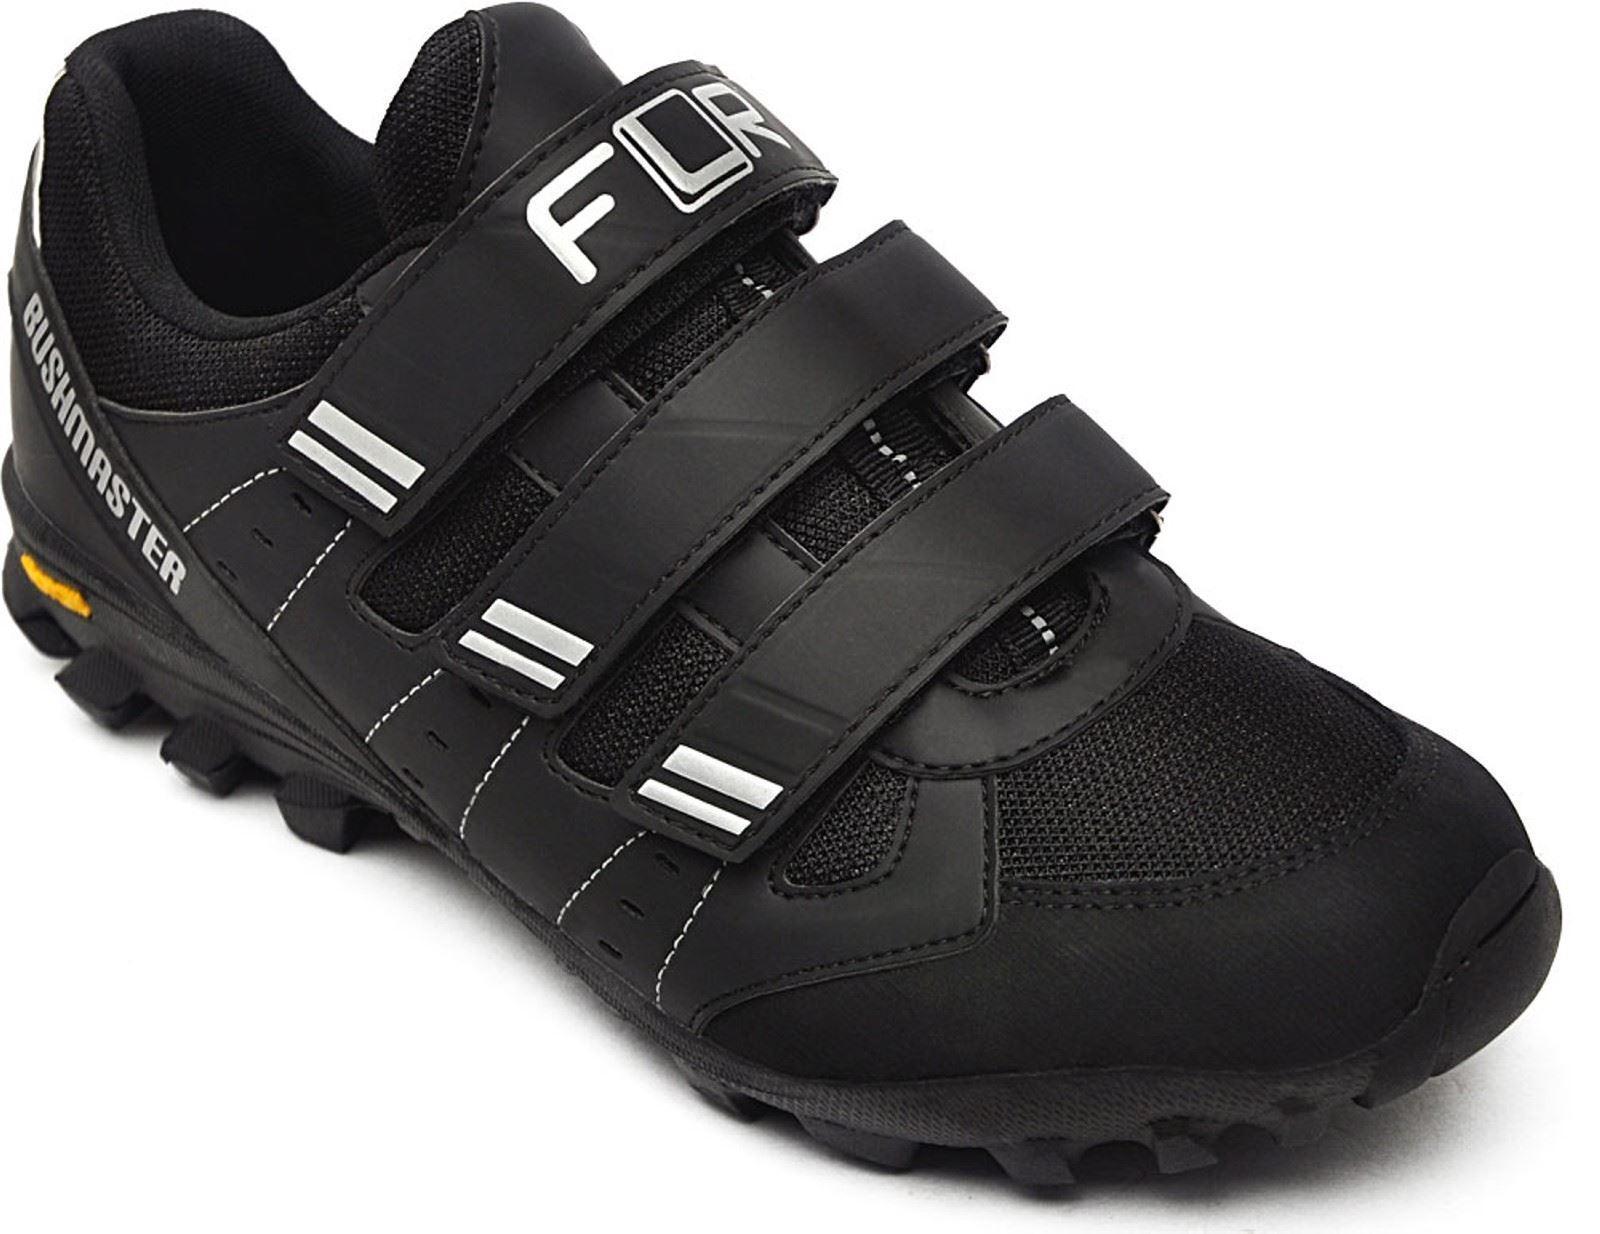 Flr Bushmaster MTB   Trial Zapato Zapato Zapato Negro Plata con Cierre - Talla 43  compras en linea